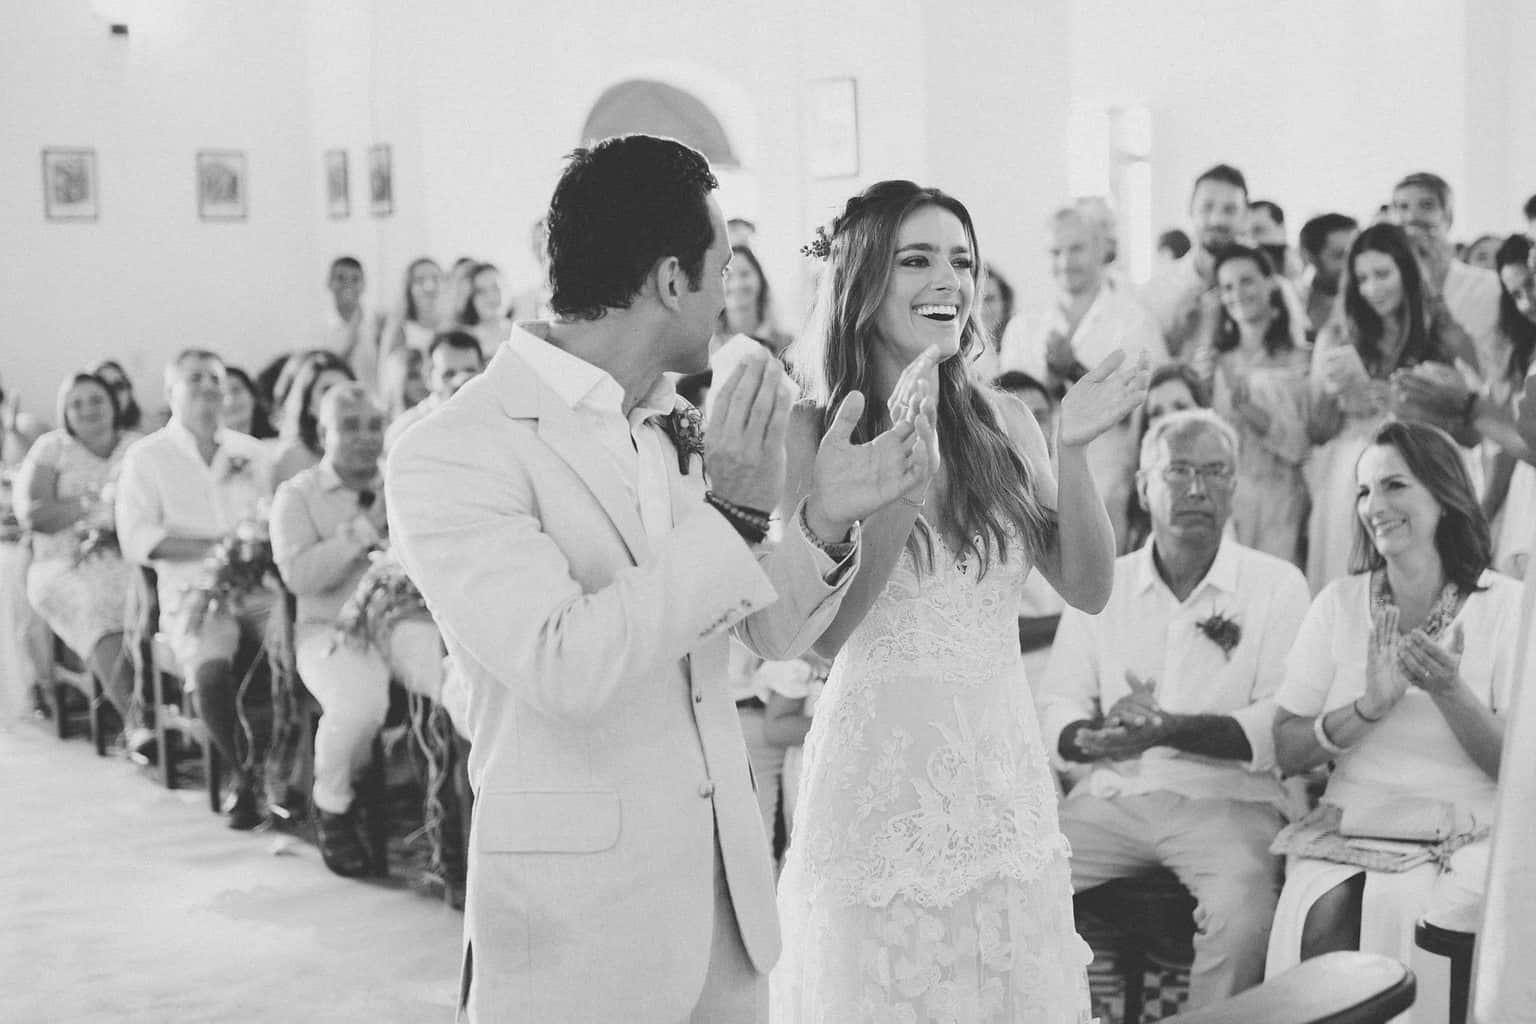 casamento-Danielle-e-Guilherme-aloha-fotografia-caseme-91